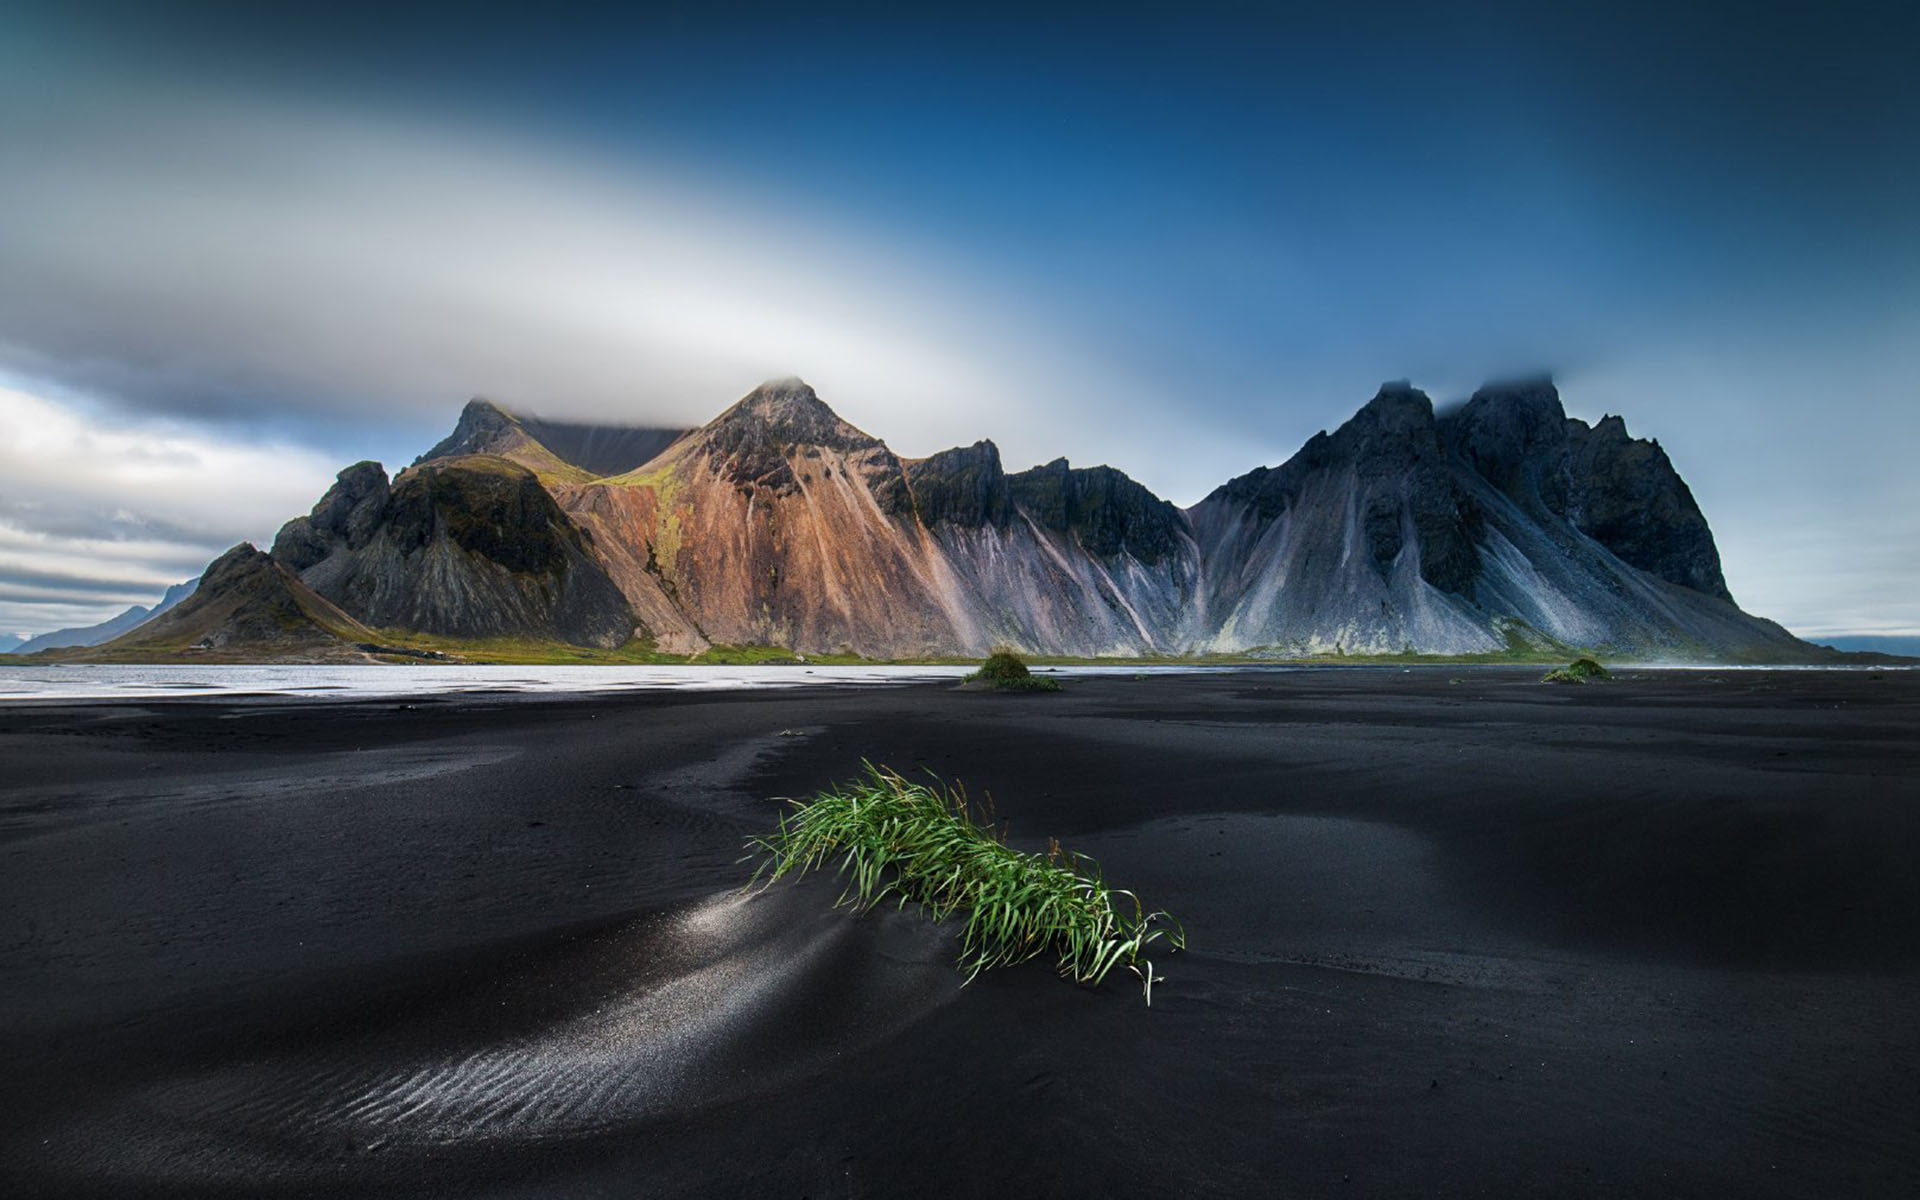 奇異自然風光—風景圖片—美圖美秀